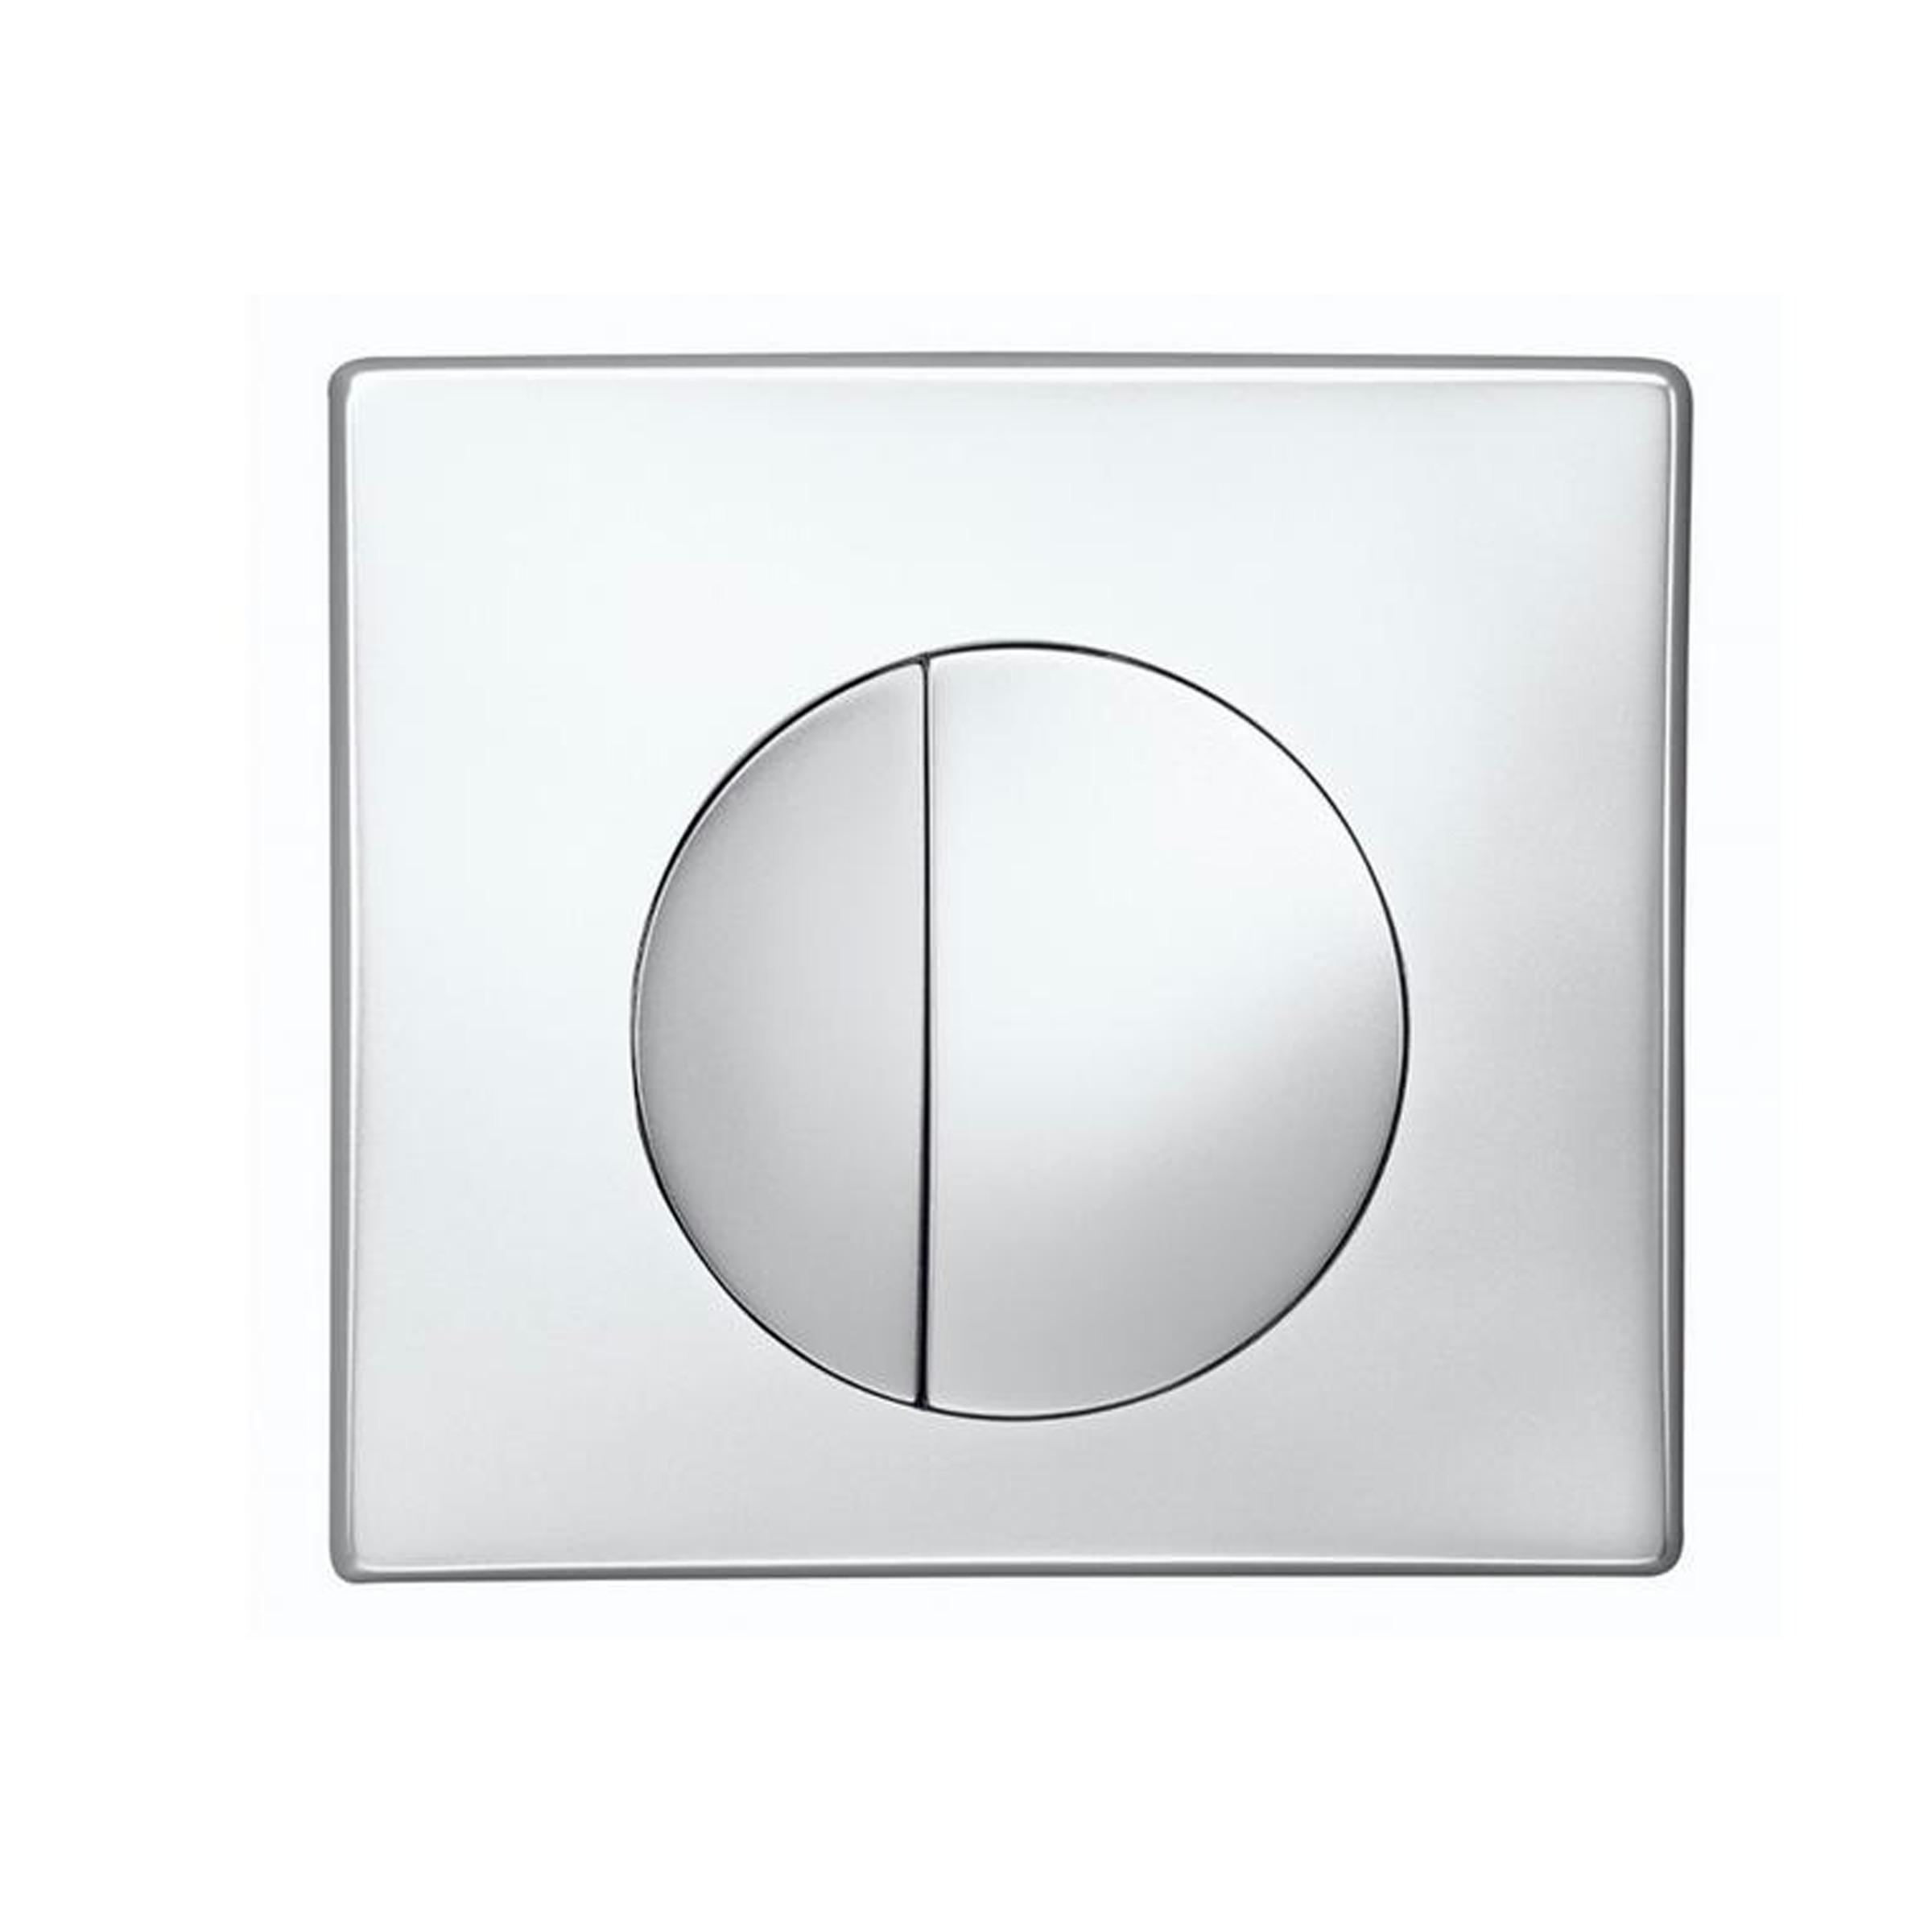 Met maar liefst 2 bedienbare knoppen is dit siamp bedieningspaneel media chroom geschikt voor een grote  en ...